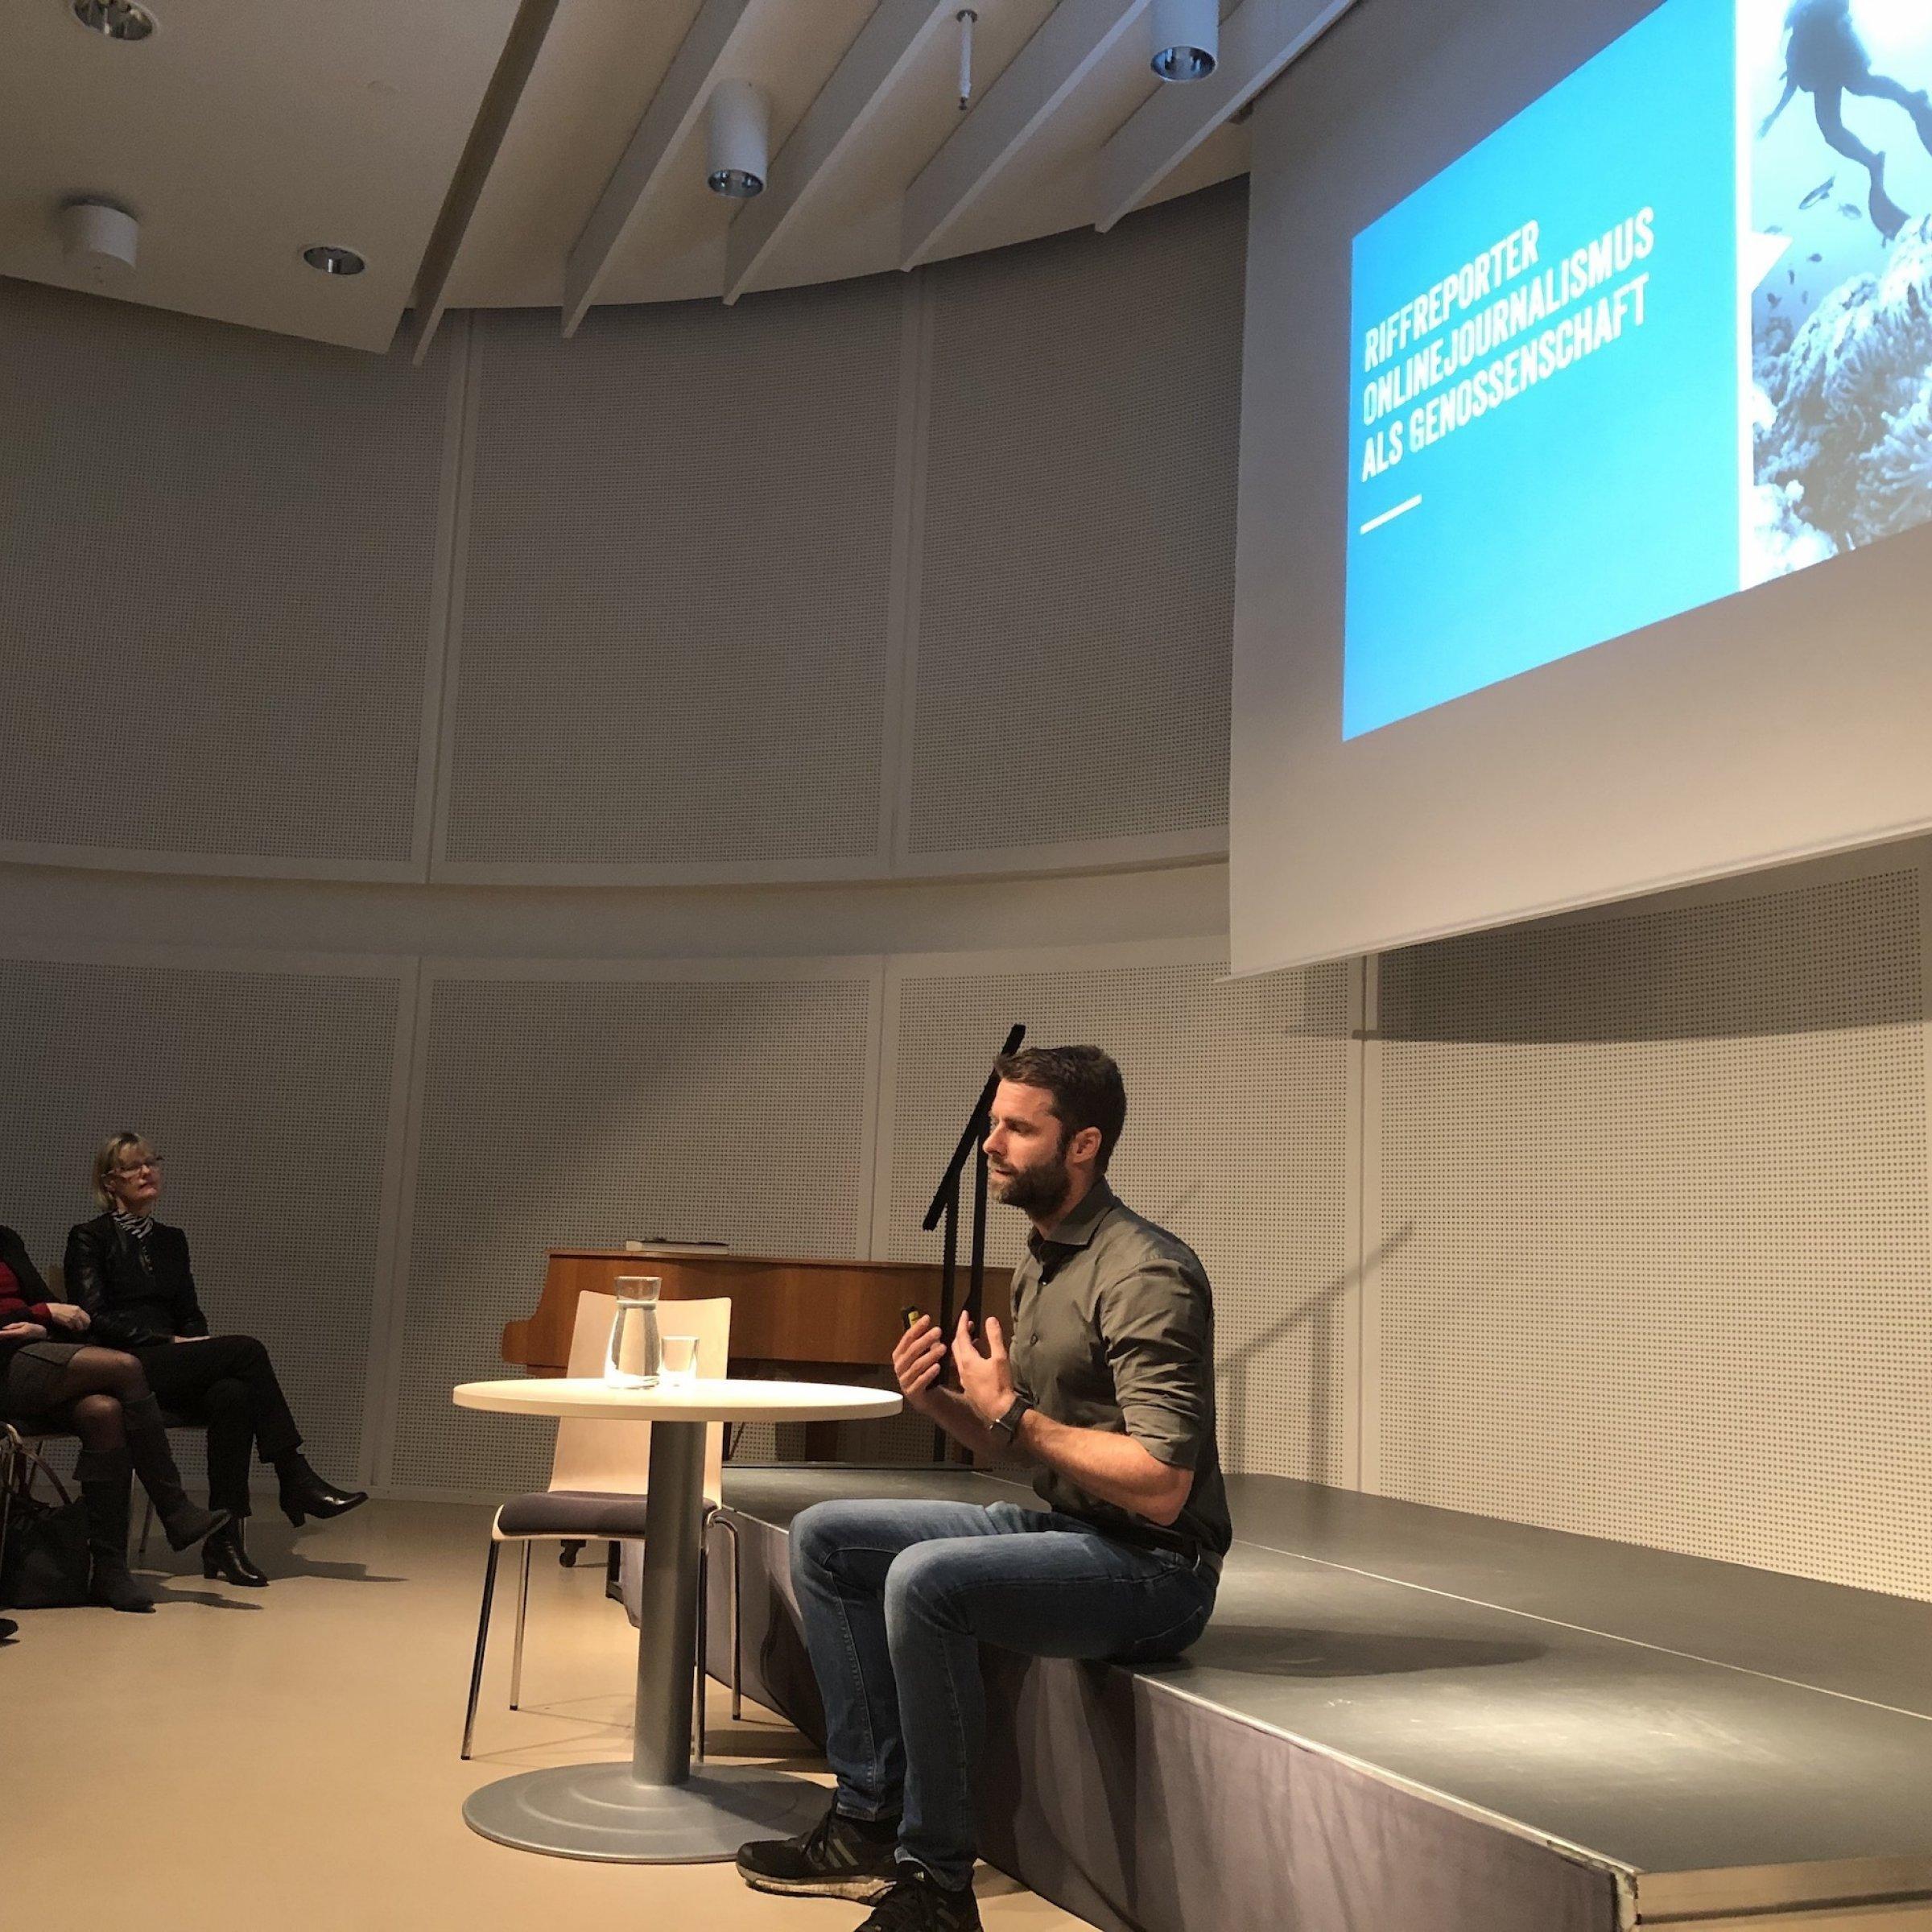 Der Journalist Kai Kupferschmidt sitzt auf einer Bühne und spricht, vor ihm das Publikum der Stadt- und Landesbibliothek Potsdam.